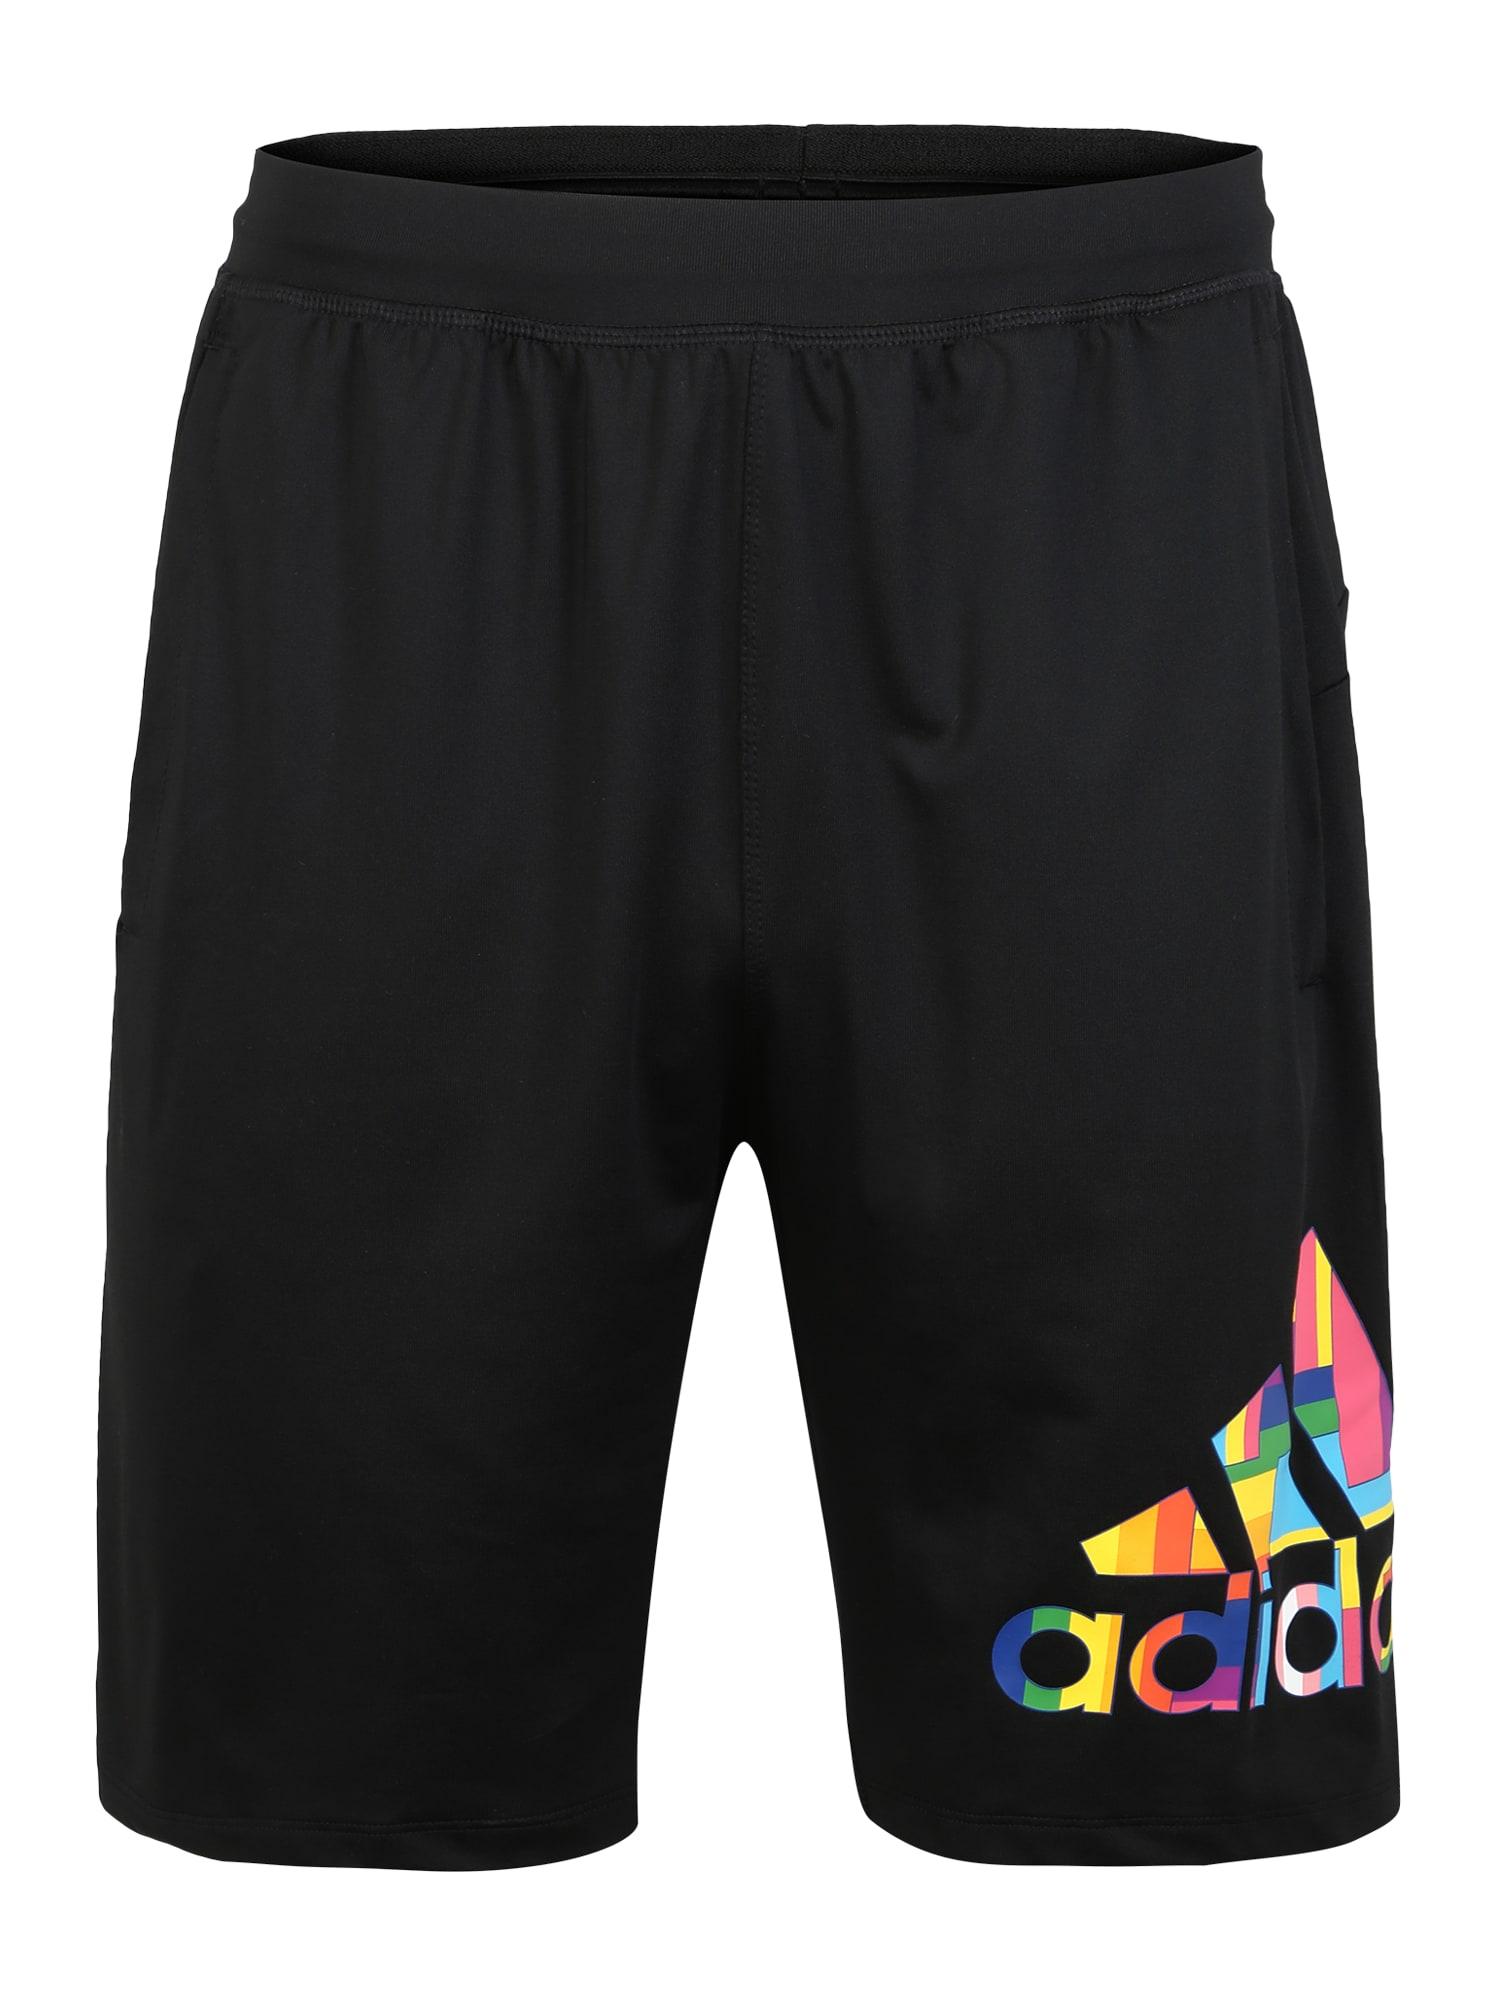 ADIDAS PERFORMANCE Sportinės kelnės 'PRIDE 4KRFT' juoda